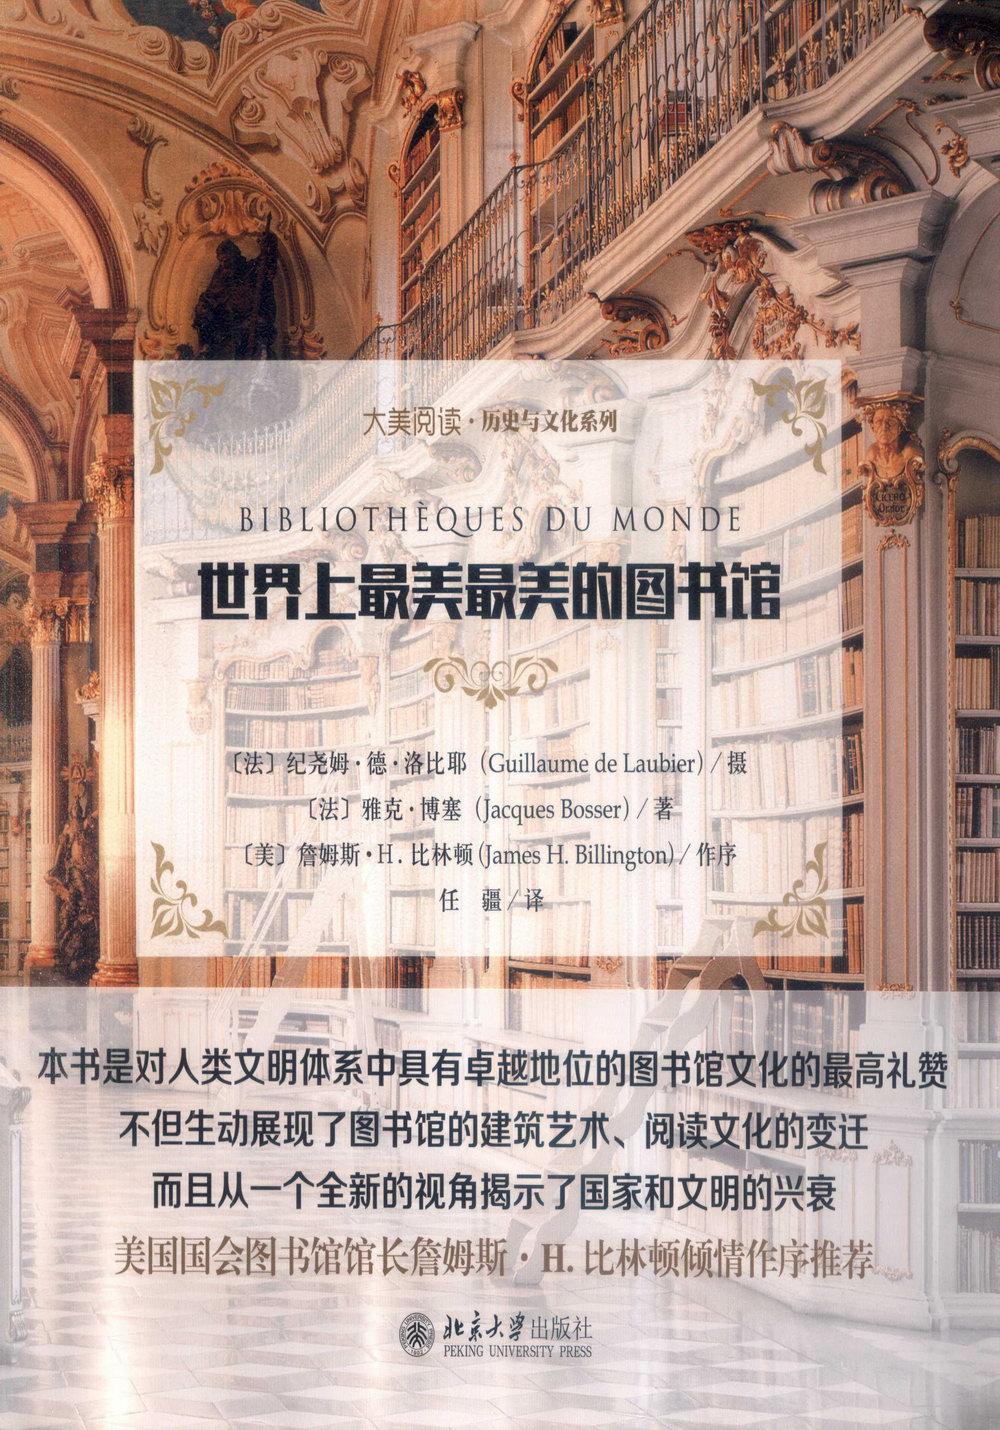 世界上最美最美的圖書館